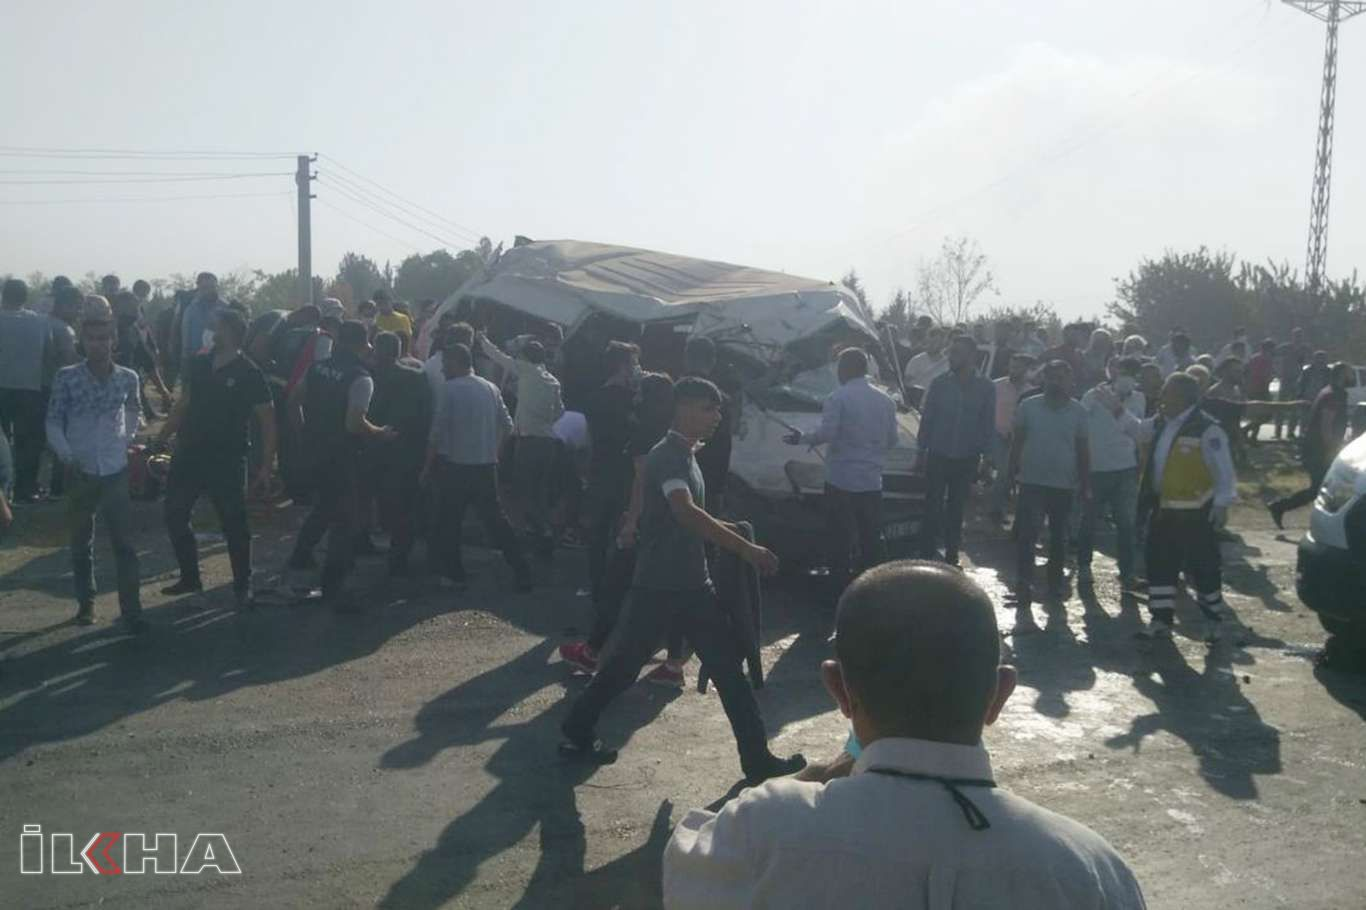 Tekstil işçilerini taşıyan minibüs kaza yaptı: 2 ölü 15 yaralı